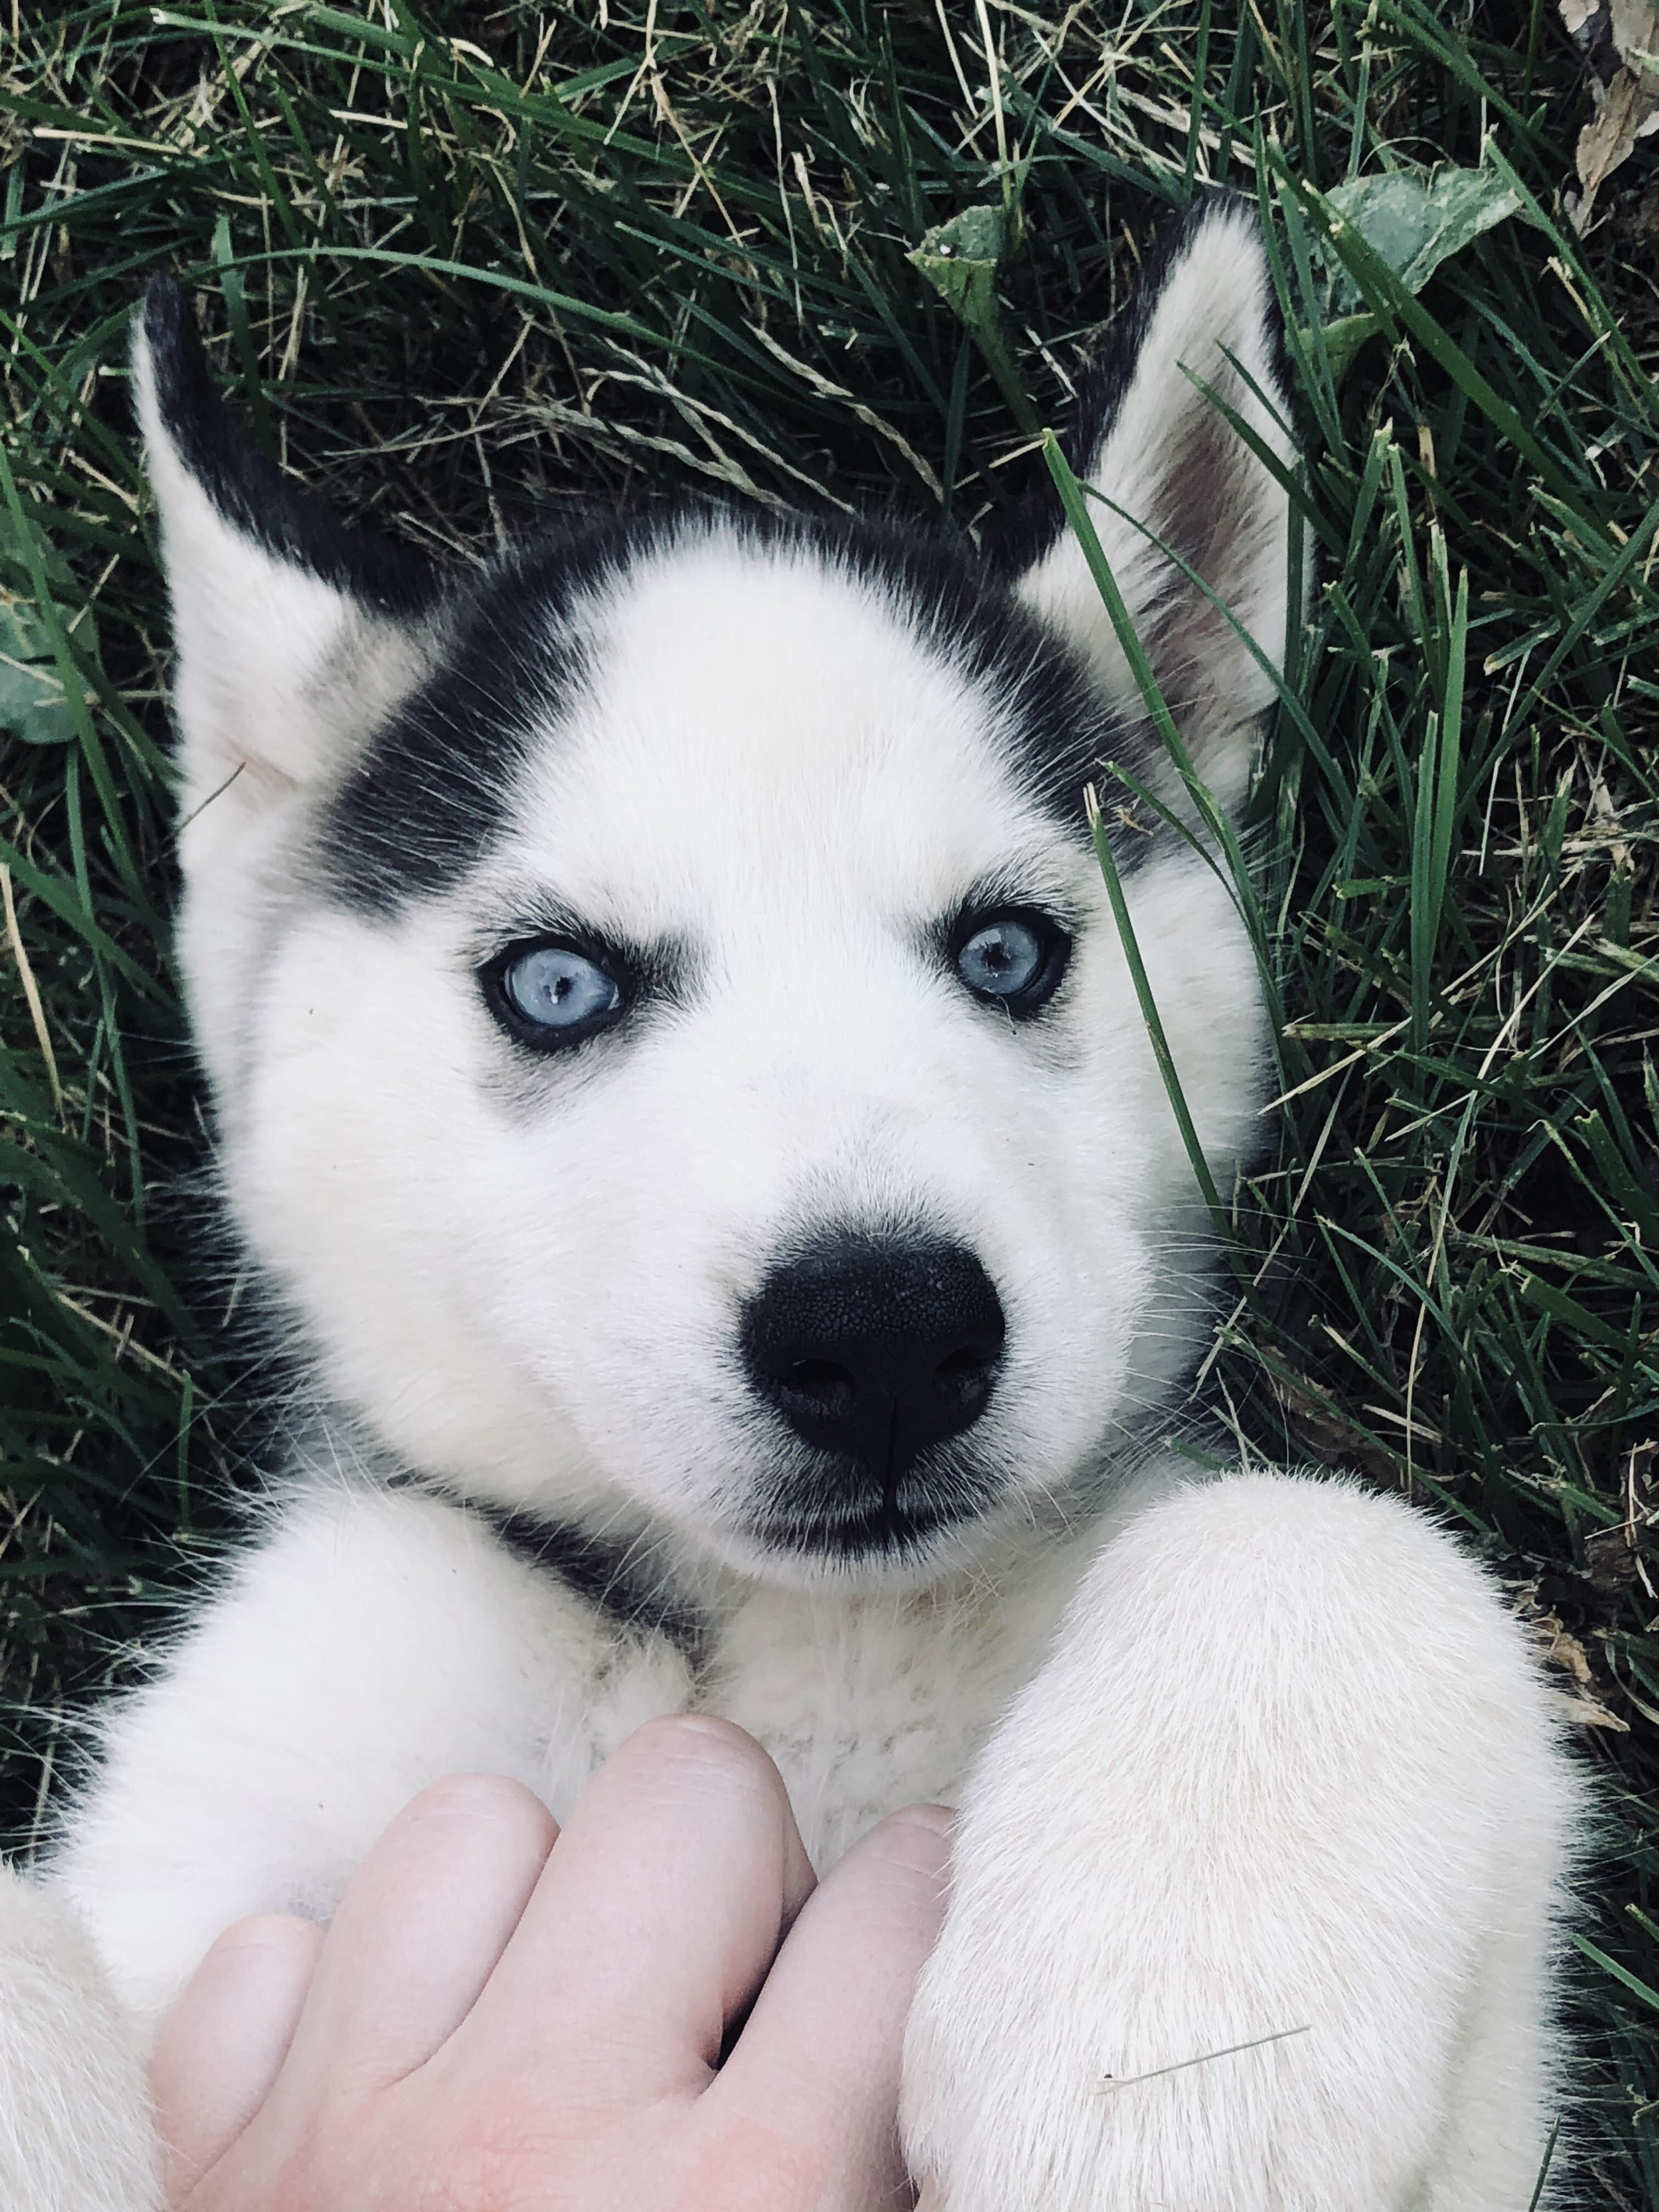 Meet My New Puppy Lunahttps I Redd It Rifj8lv5qij11 Jpg